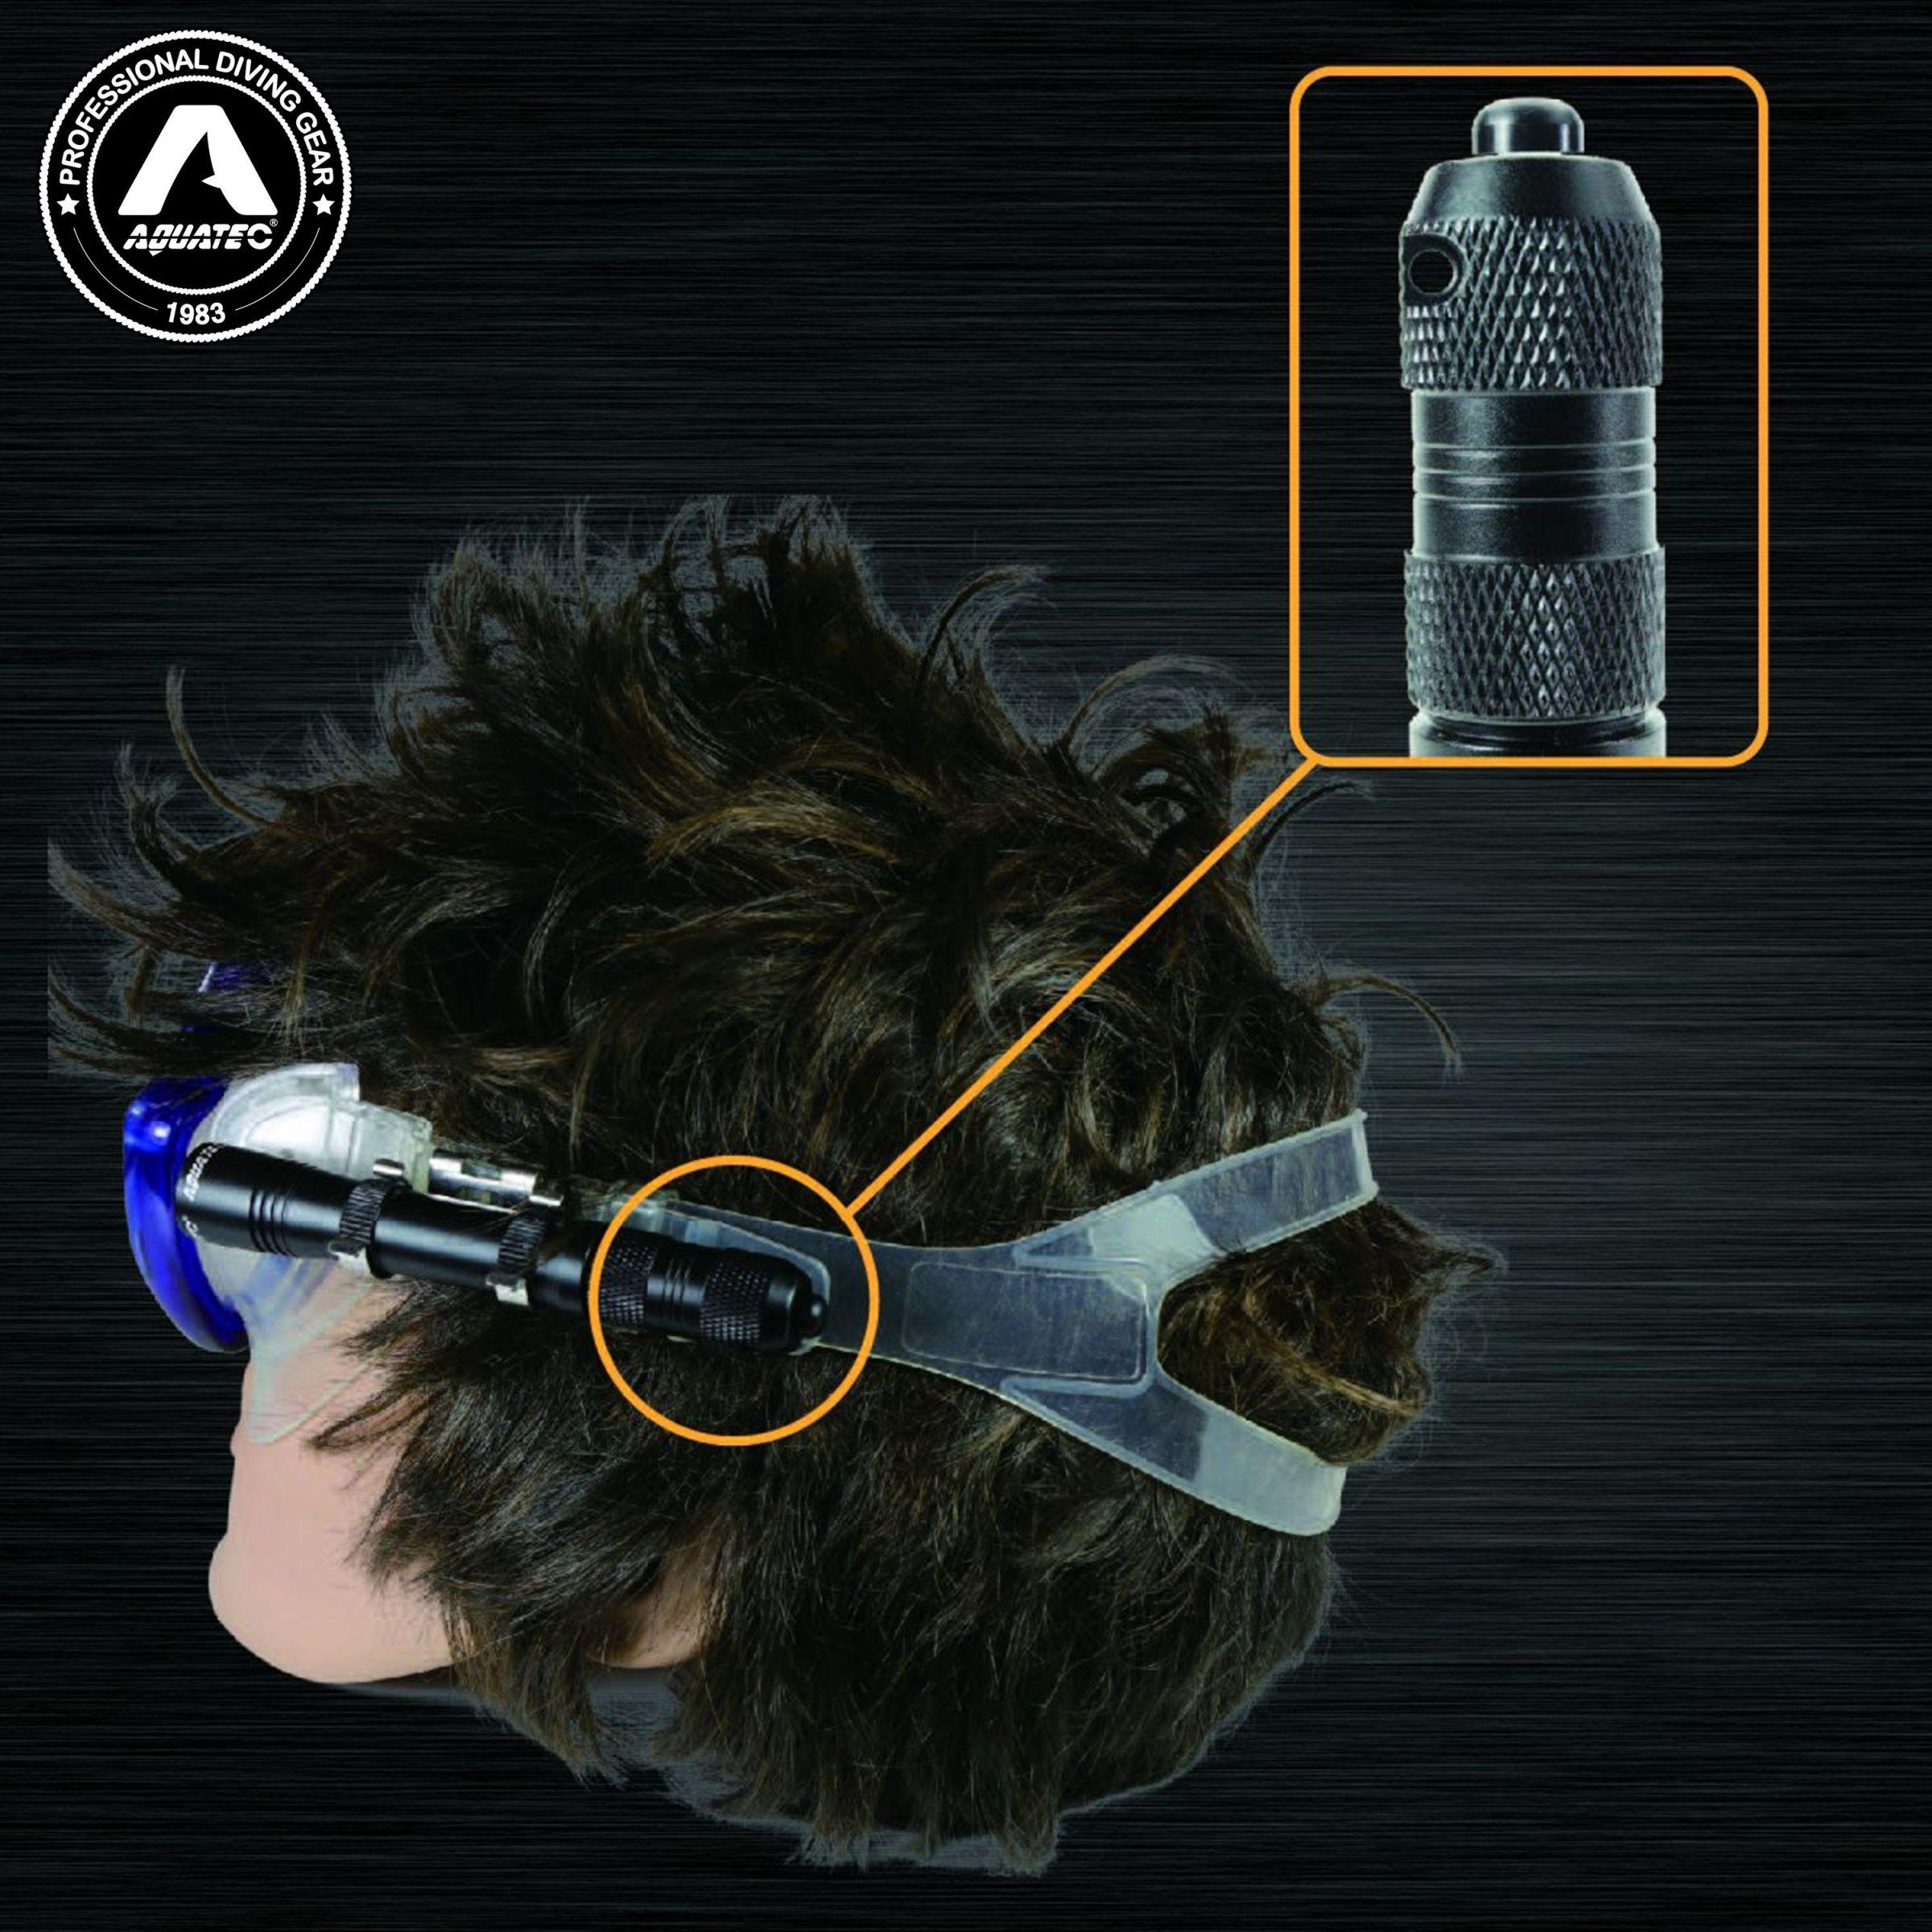 Switch ad Headlight Puga pyga - -LED lux ad ventilabis-MDCCXX Scuba Mini Button SWITCH